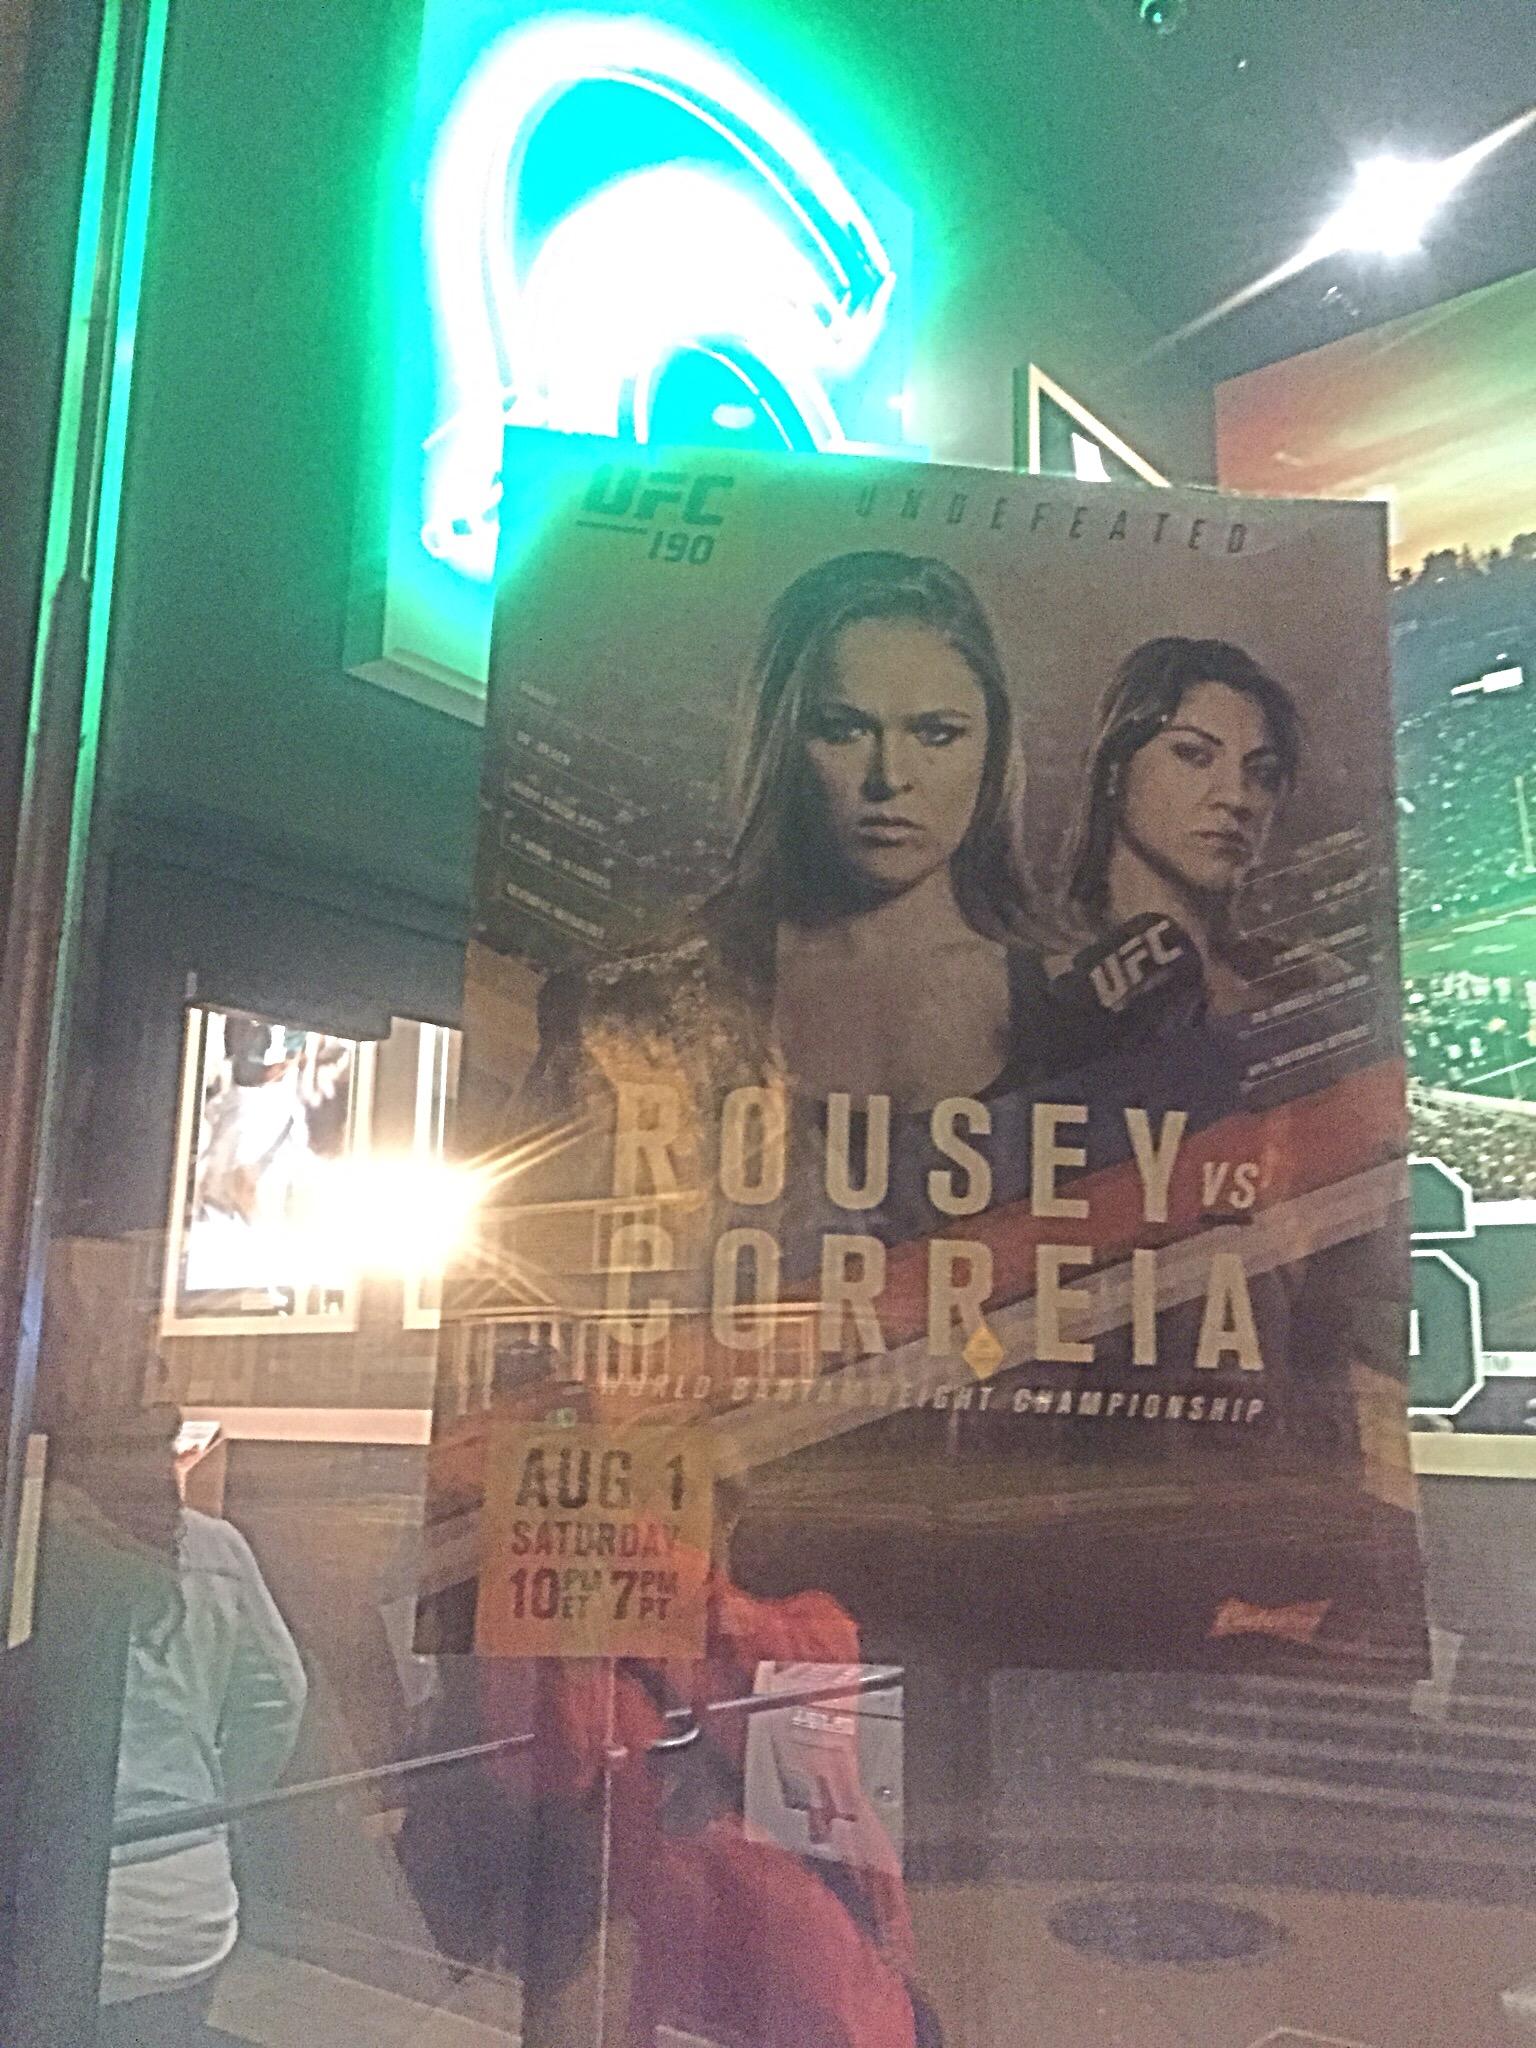 Rousey vs. correia